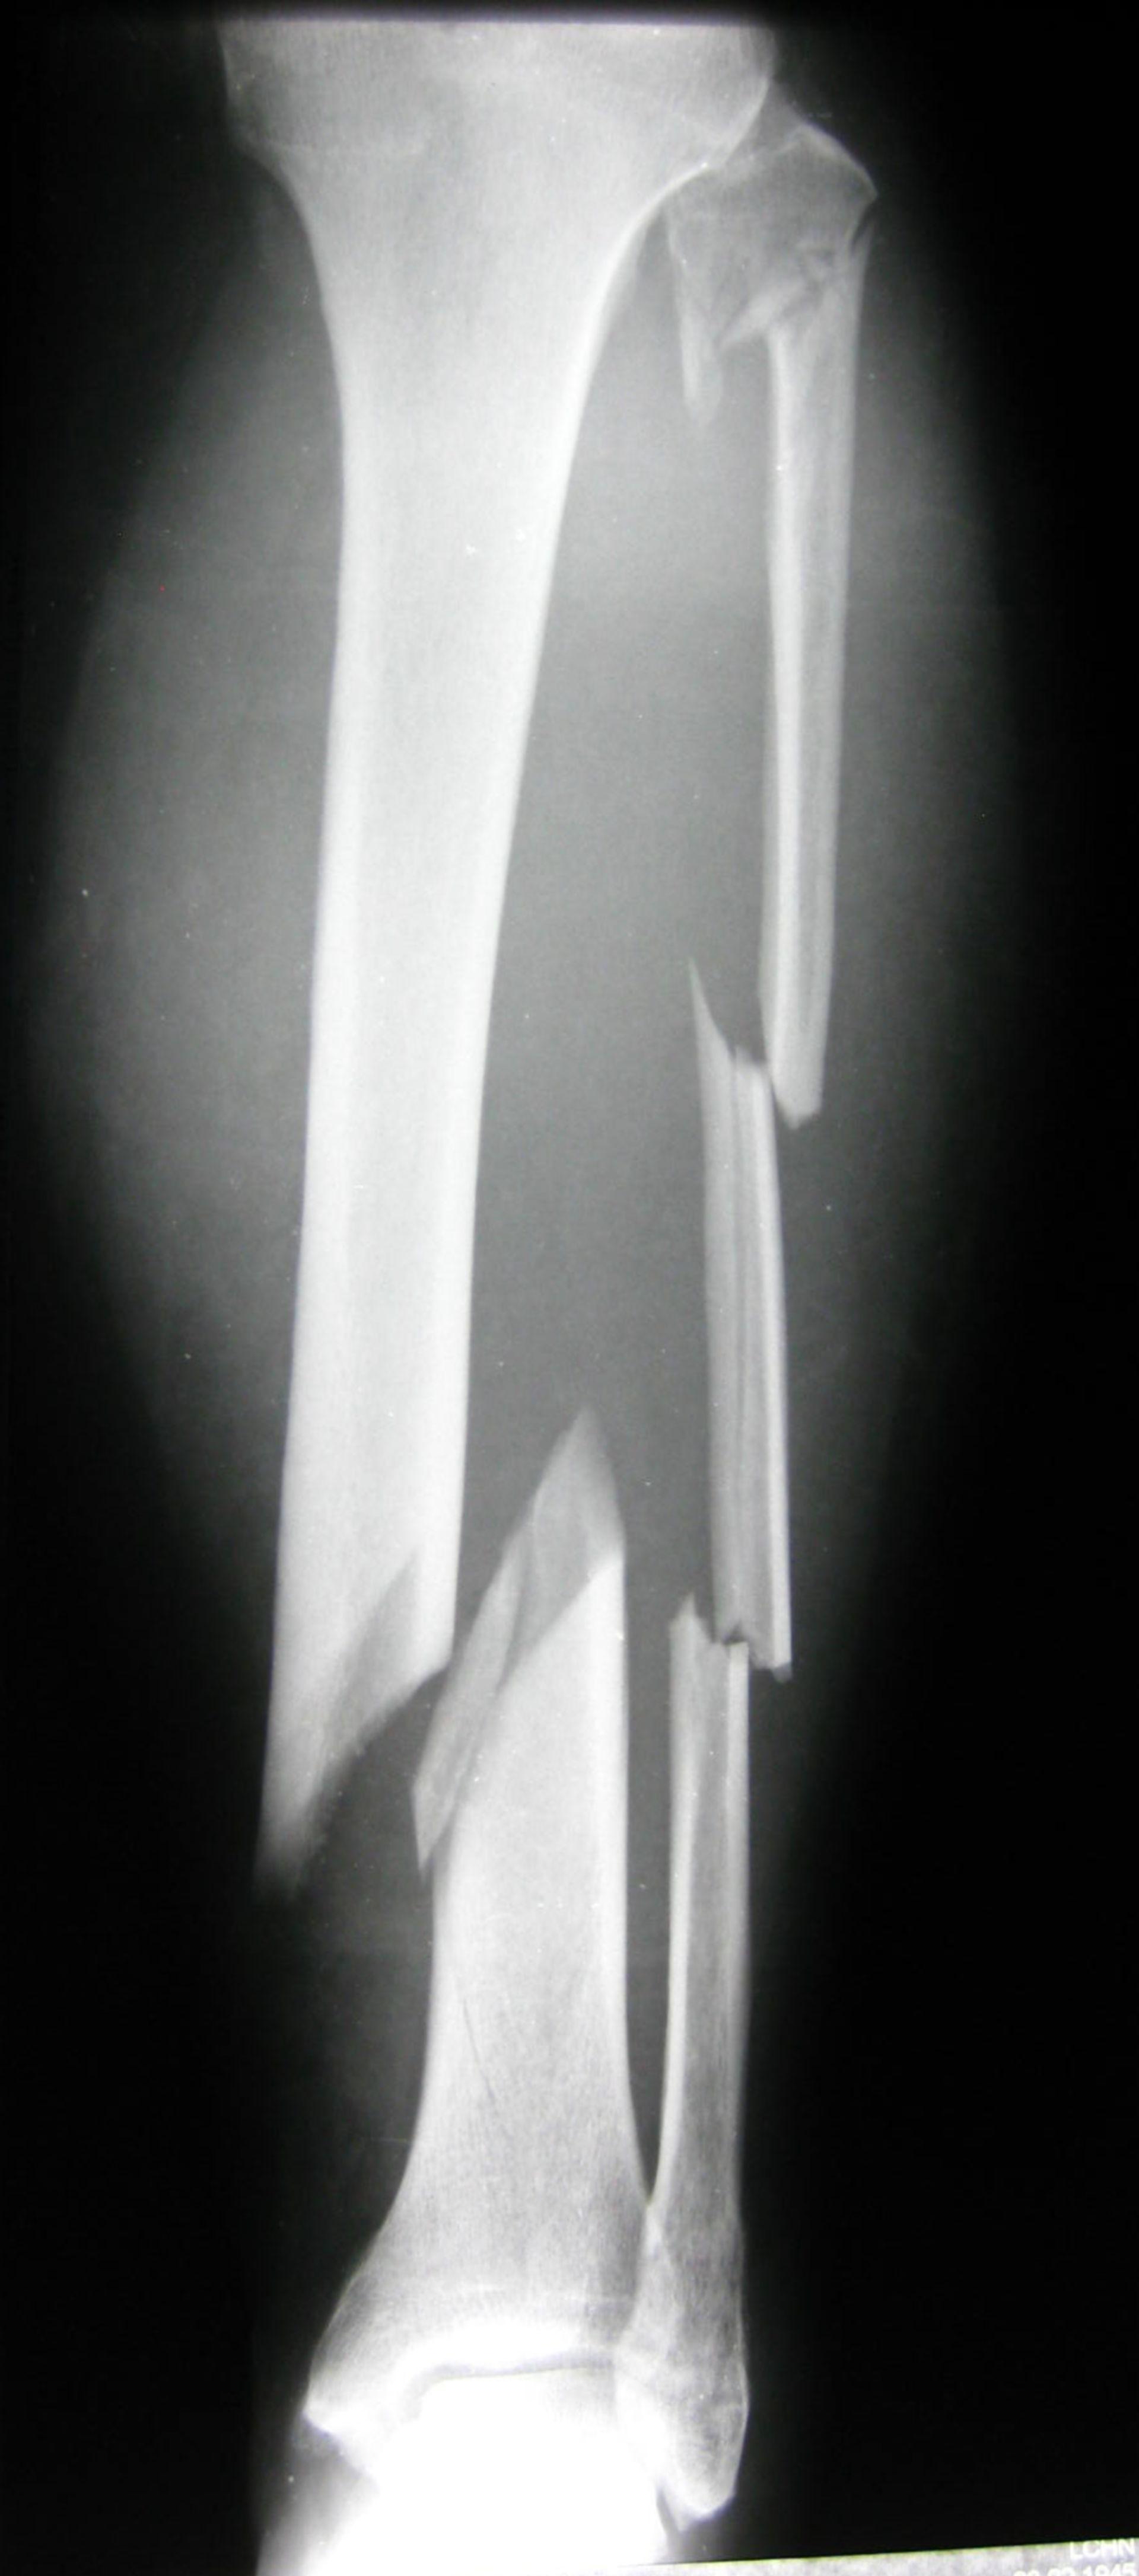 Unterschenkelfraktur mit 4 Etagen- Fraktur der Fibula